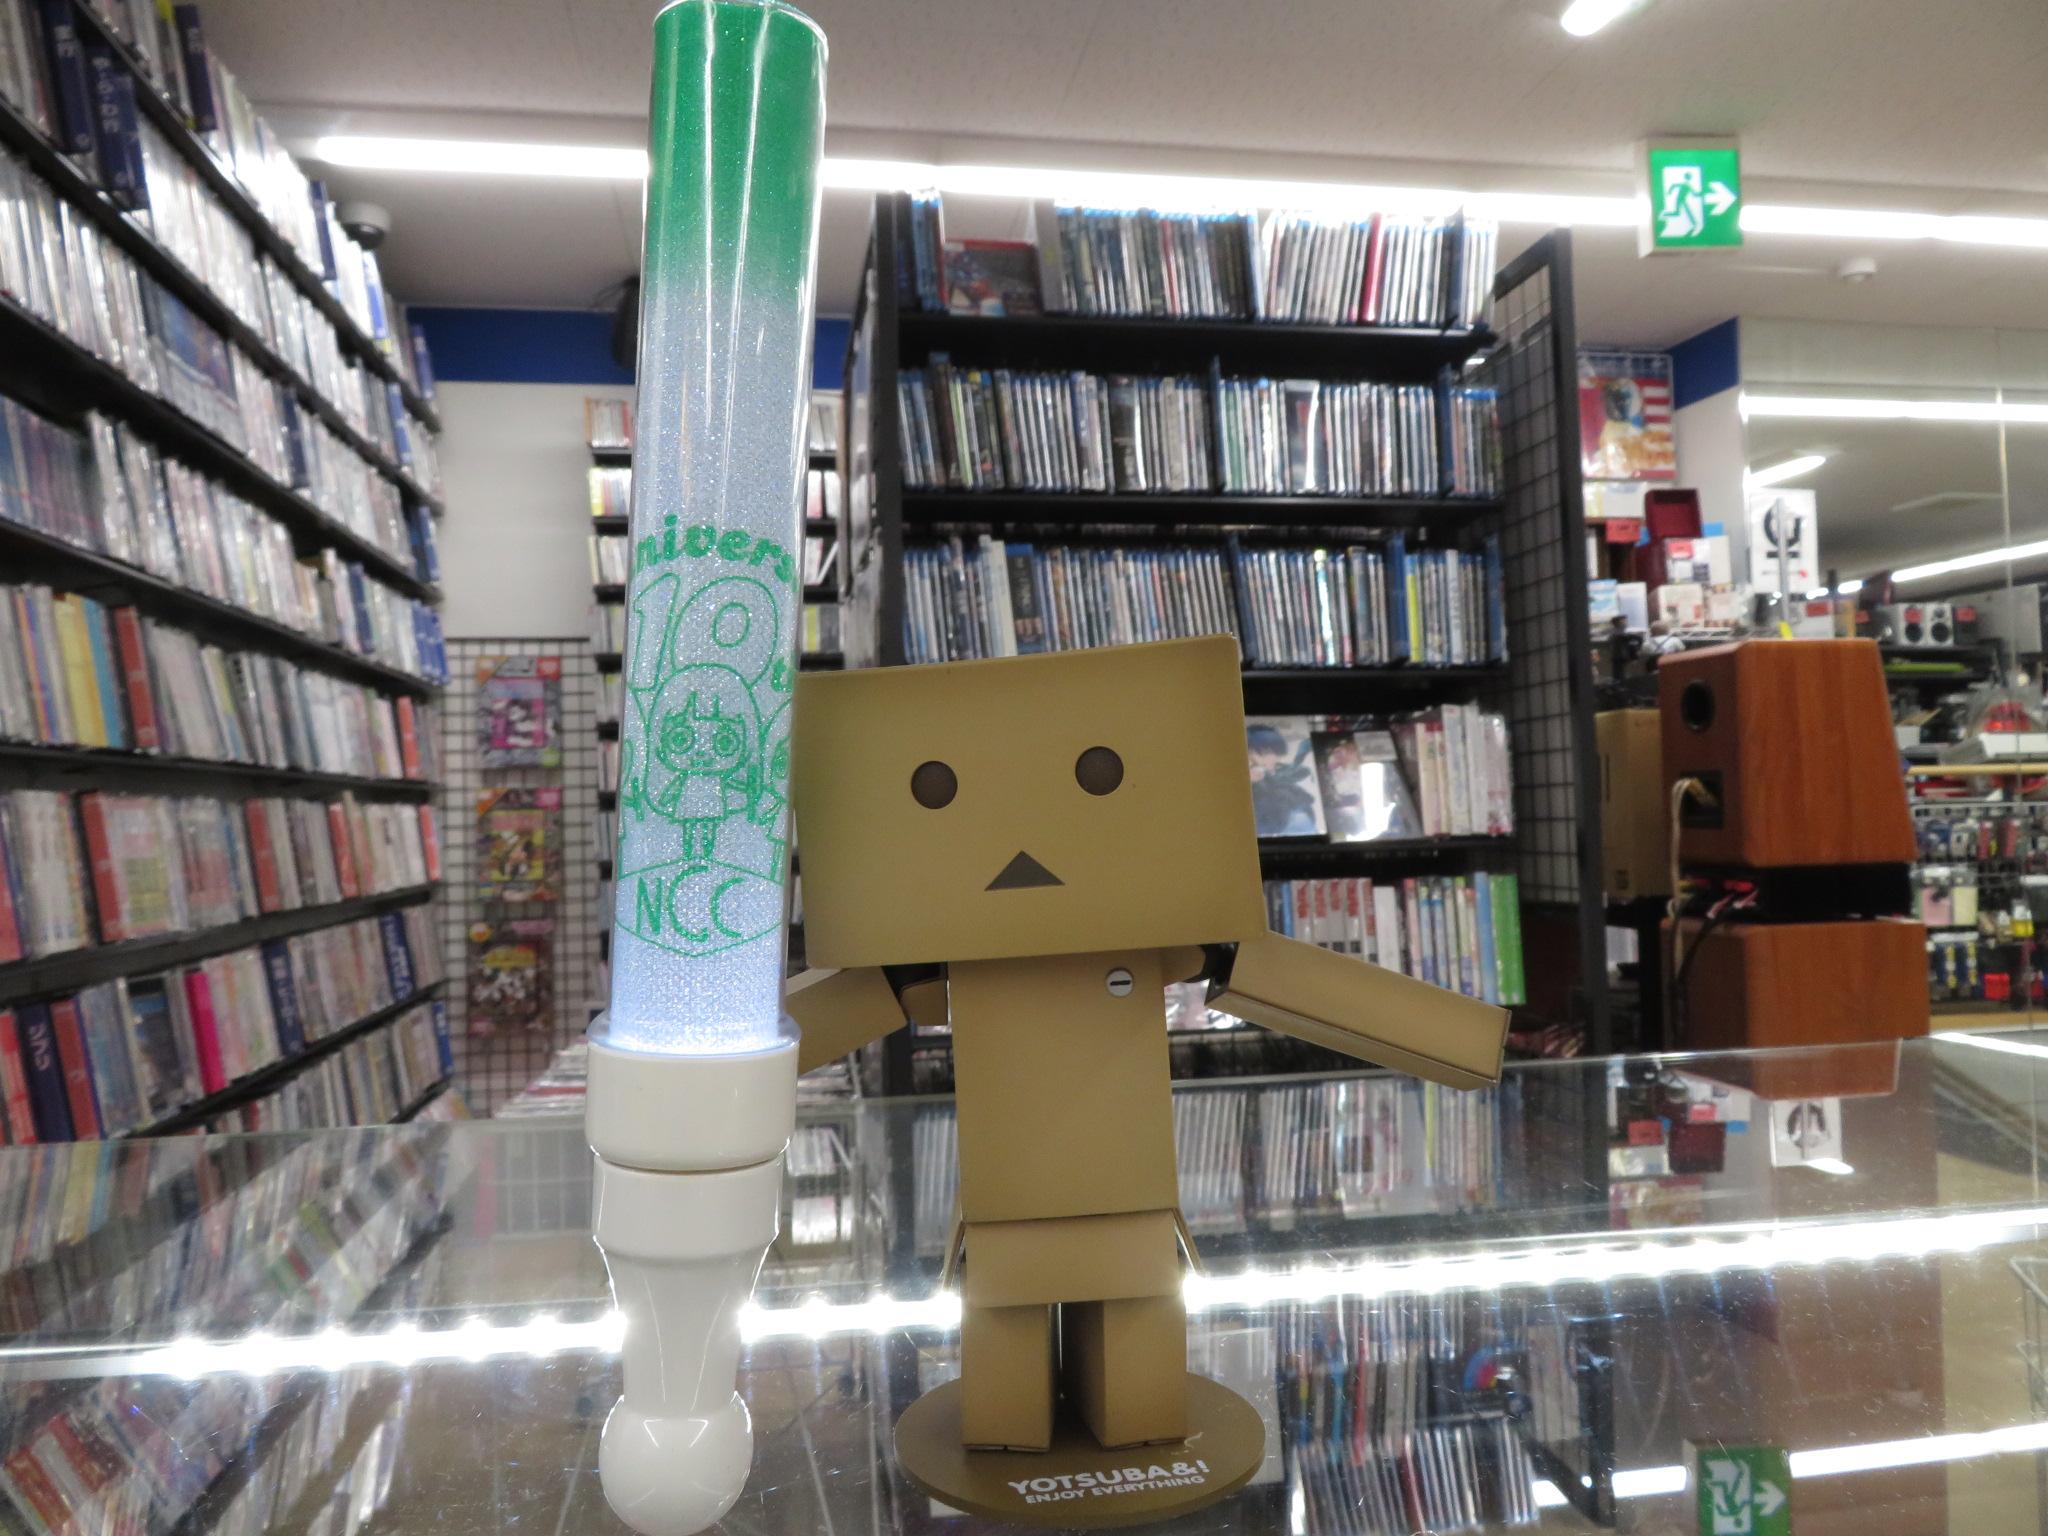 ハードオフは新潟県の会社なので、、、